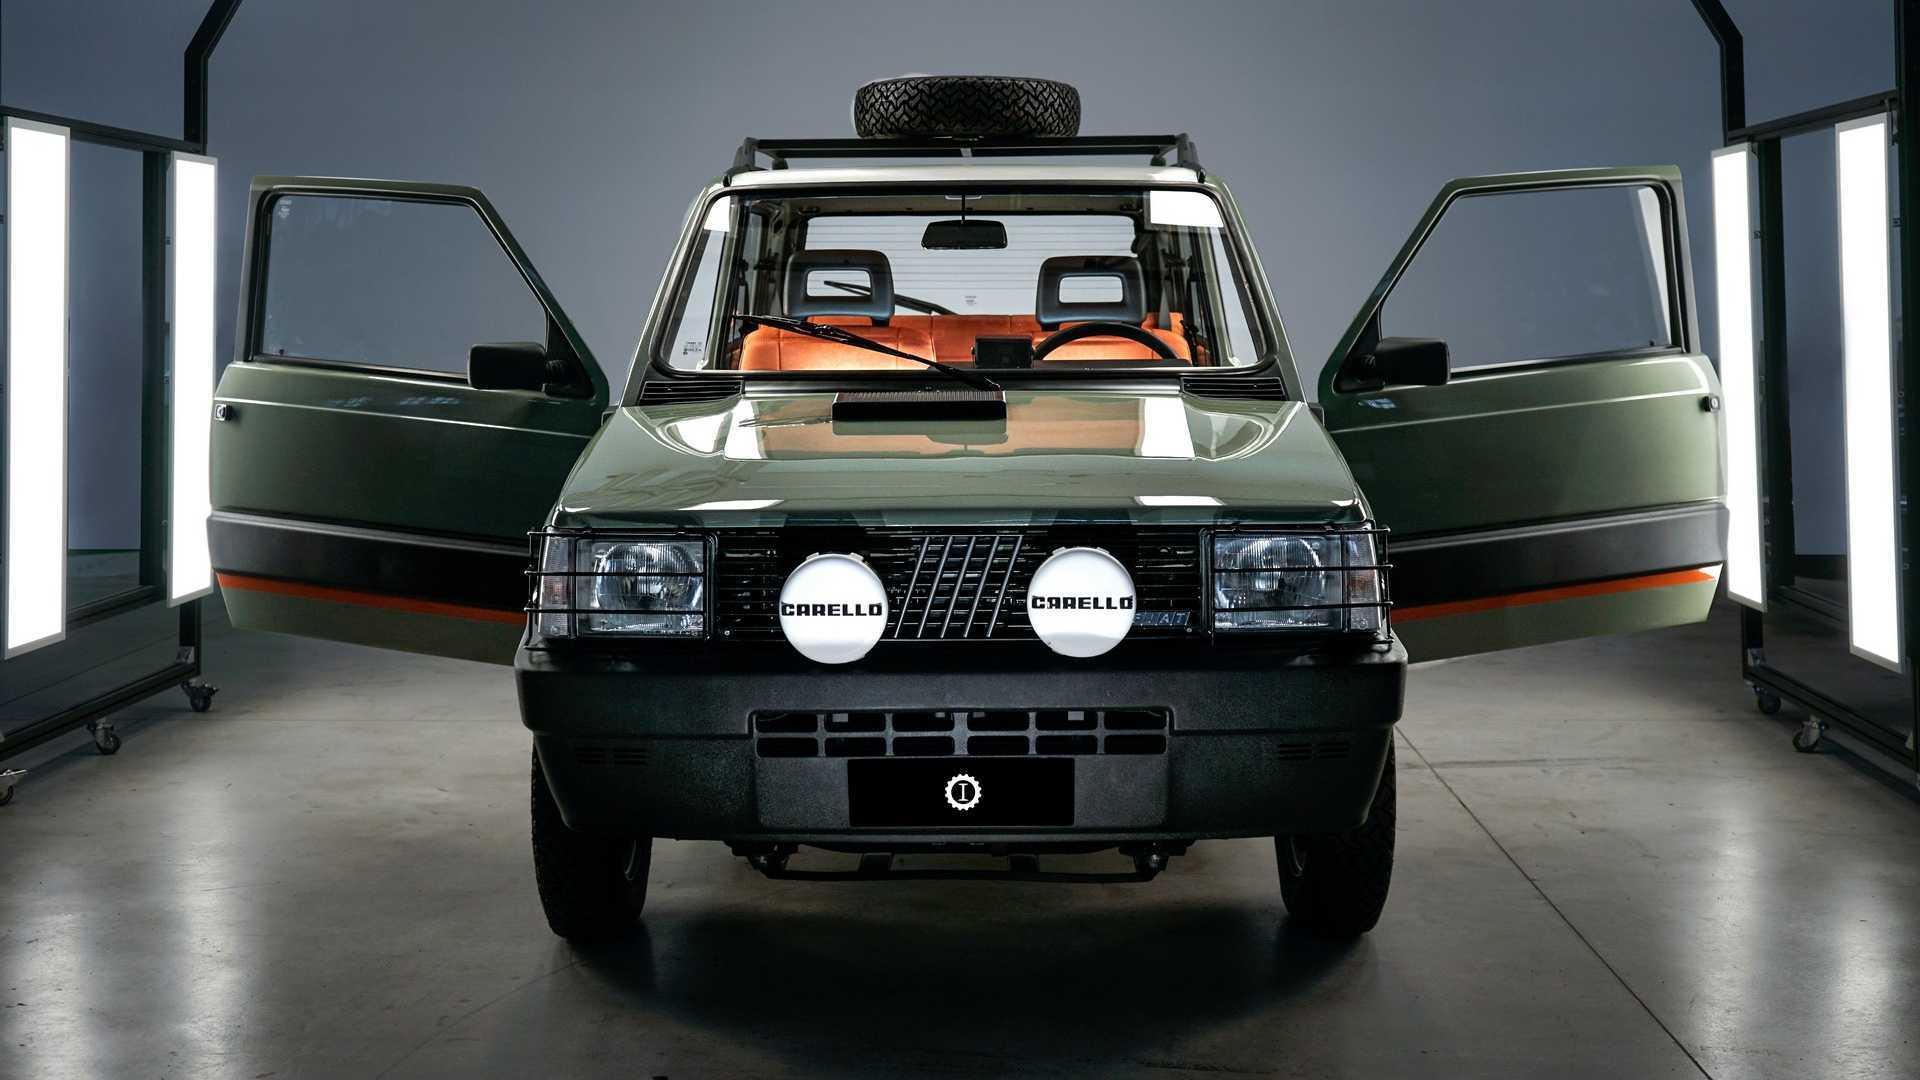 La Fiat Panda 4x4 dedicata a Indiana Jones... diventa elettrica!